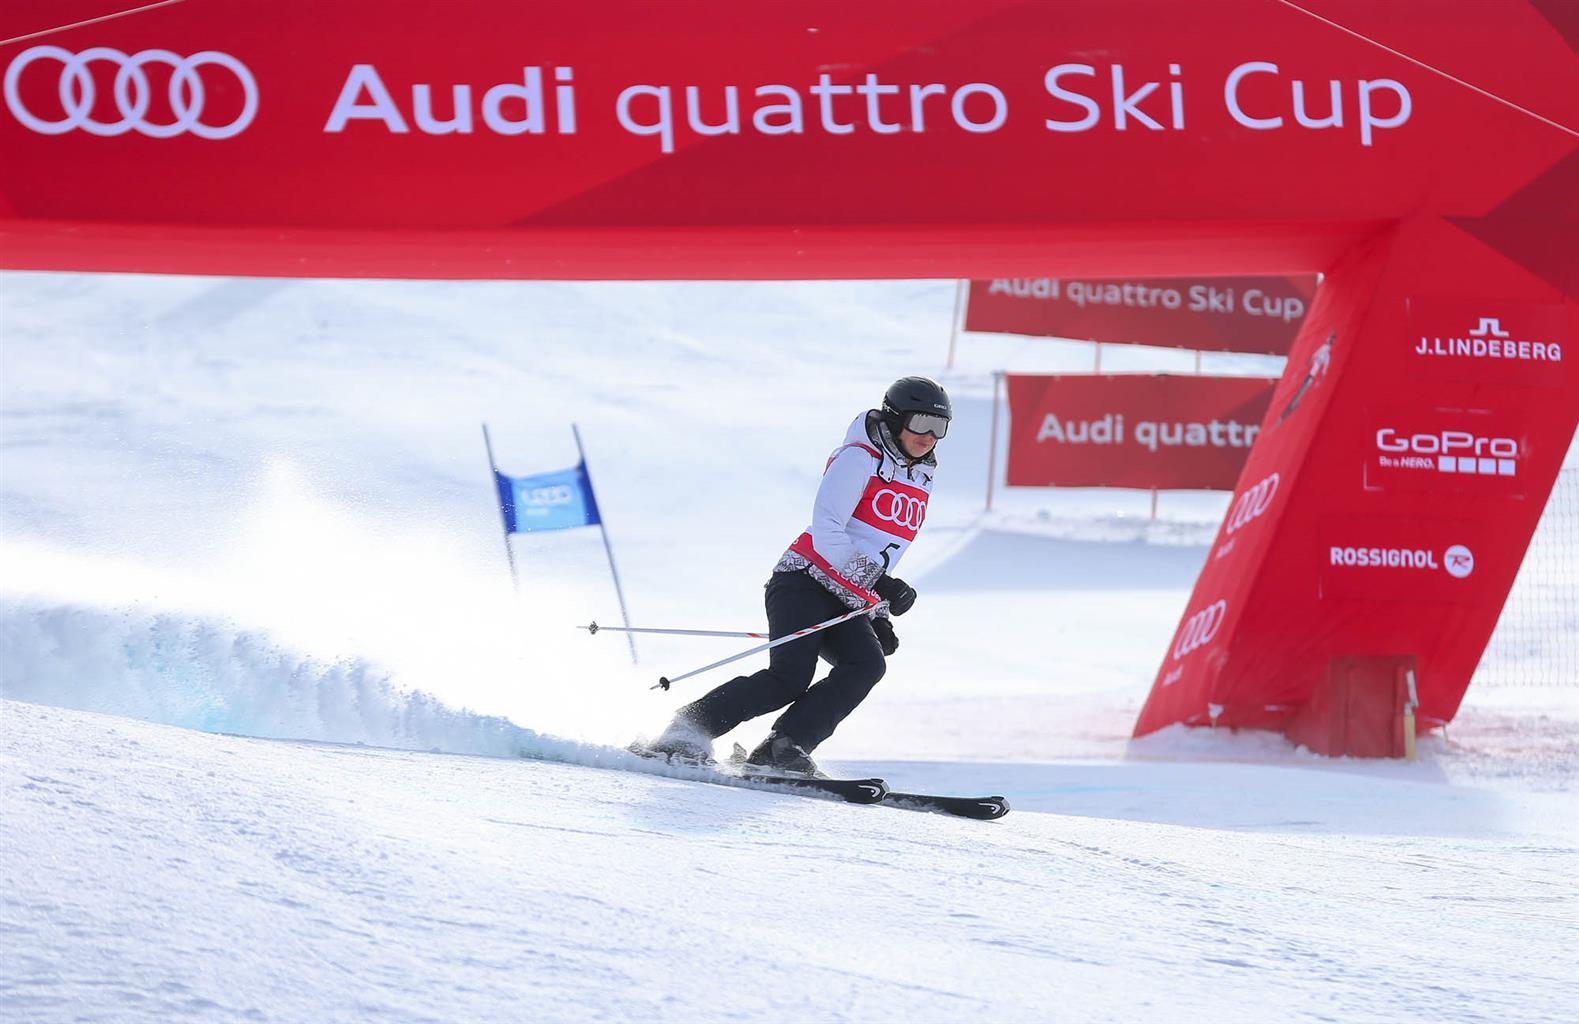 A via la prima Audi quattro Ski Cup